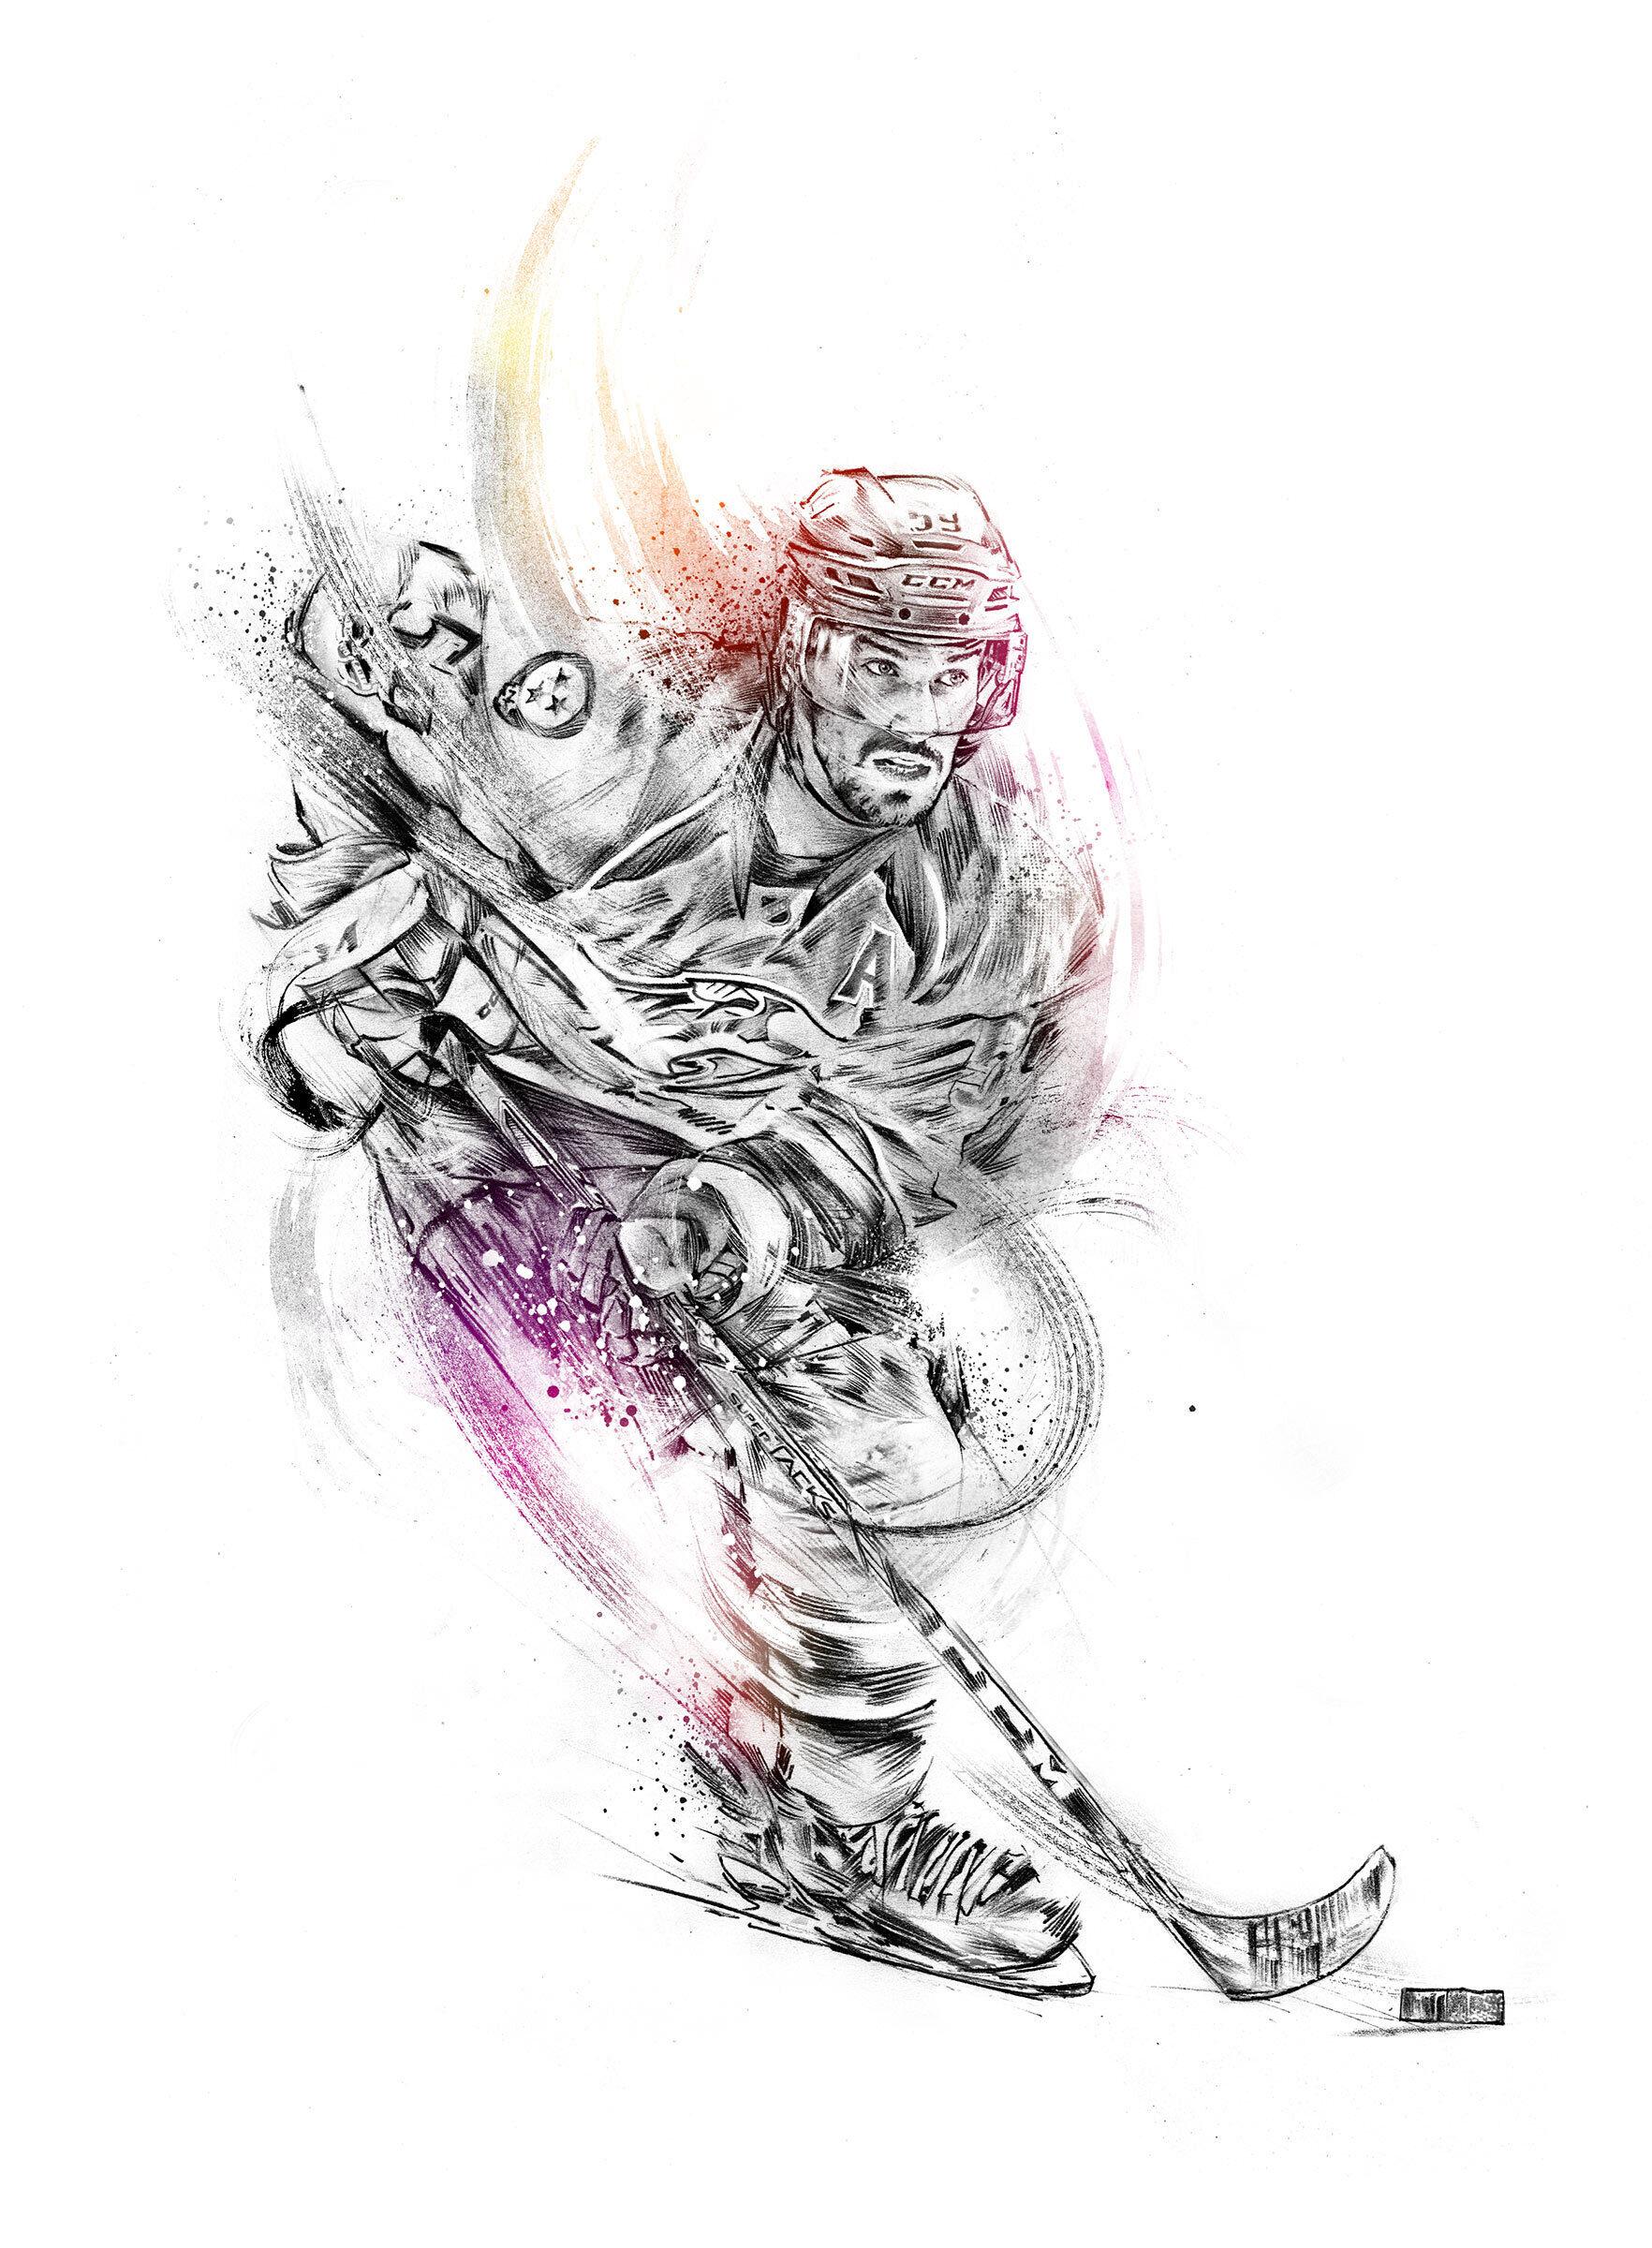 Eishockey sport illustration - Kornel Illustration   Kornel Stadler portfolio